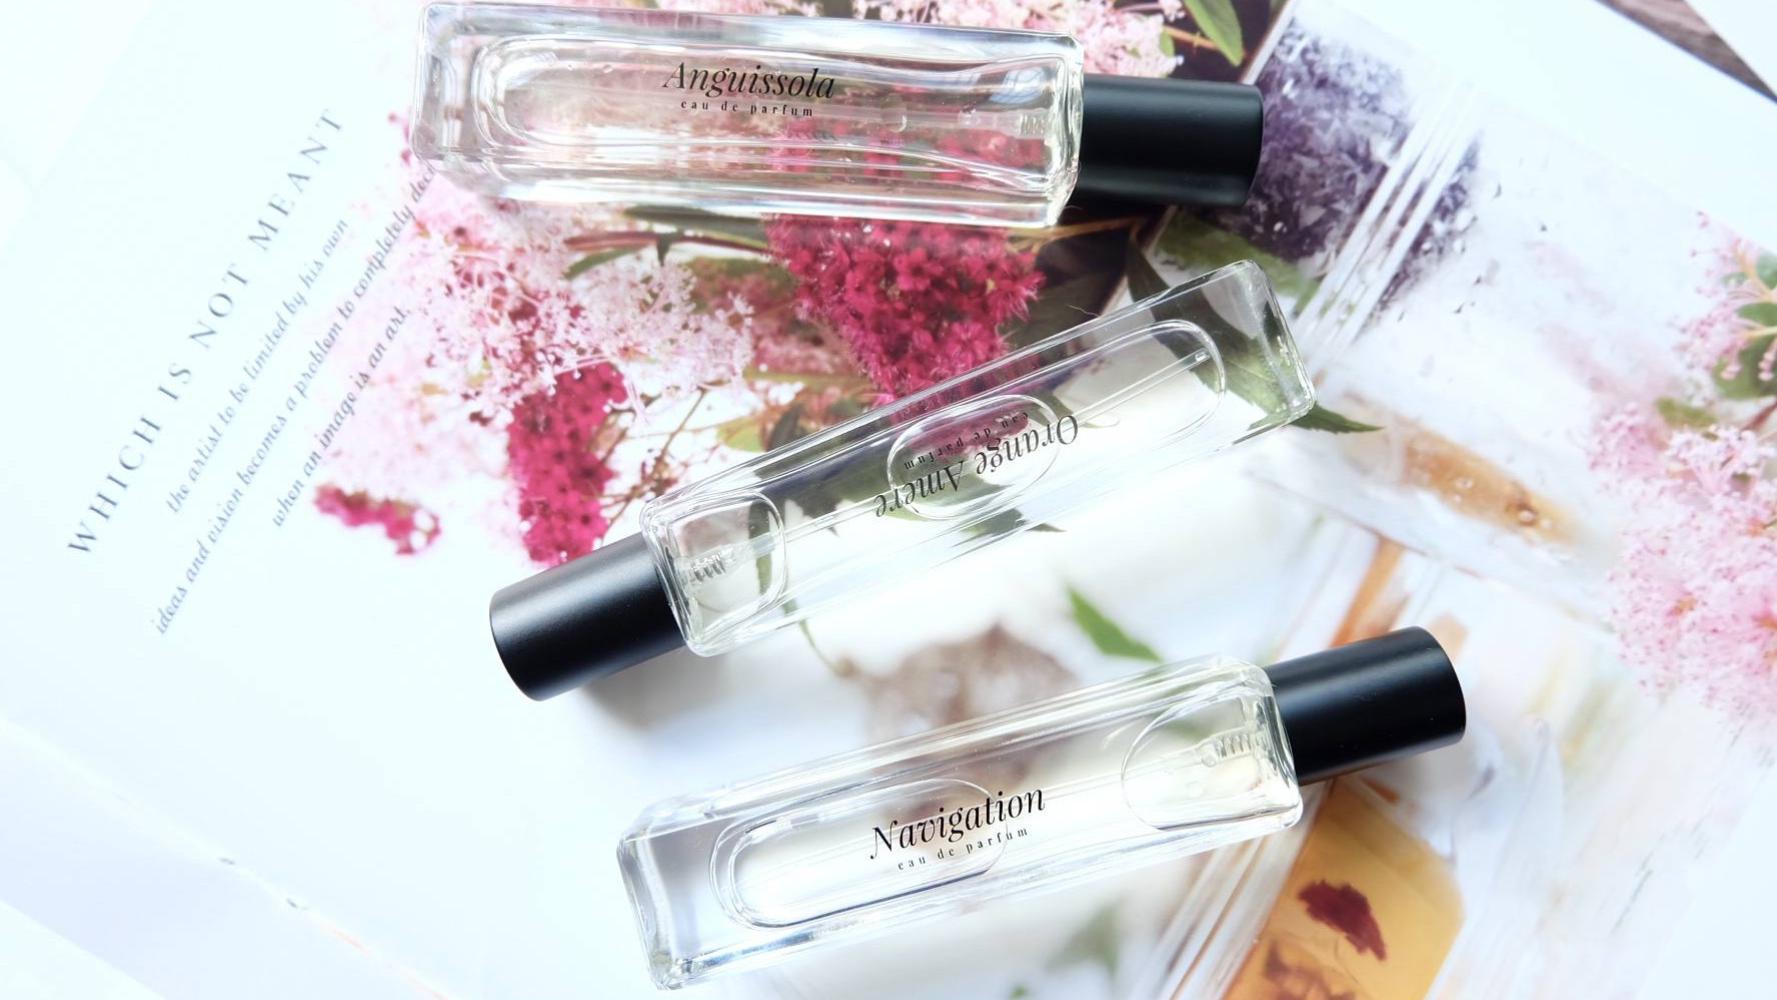 浪漫本就万种风情,维维尼奥清新花园香水